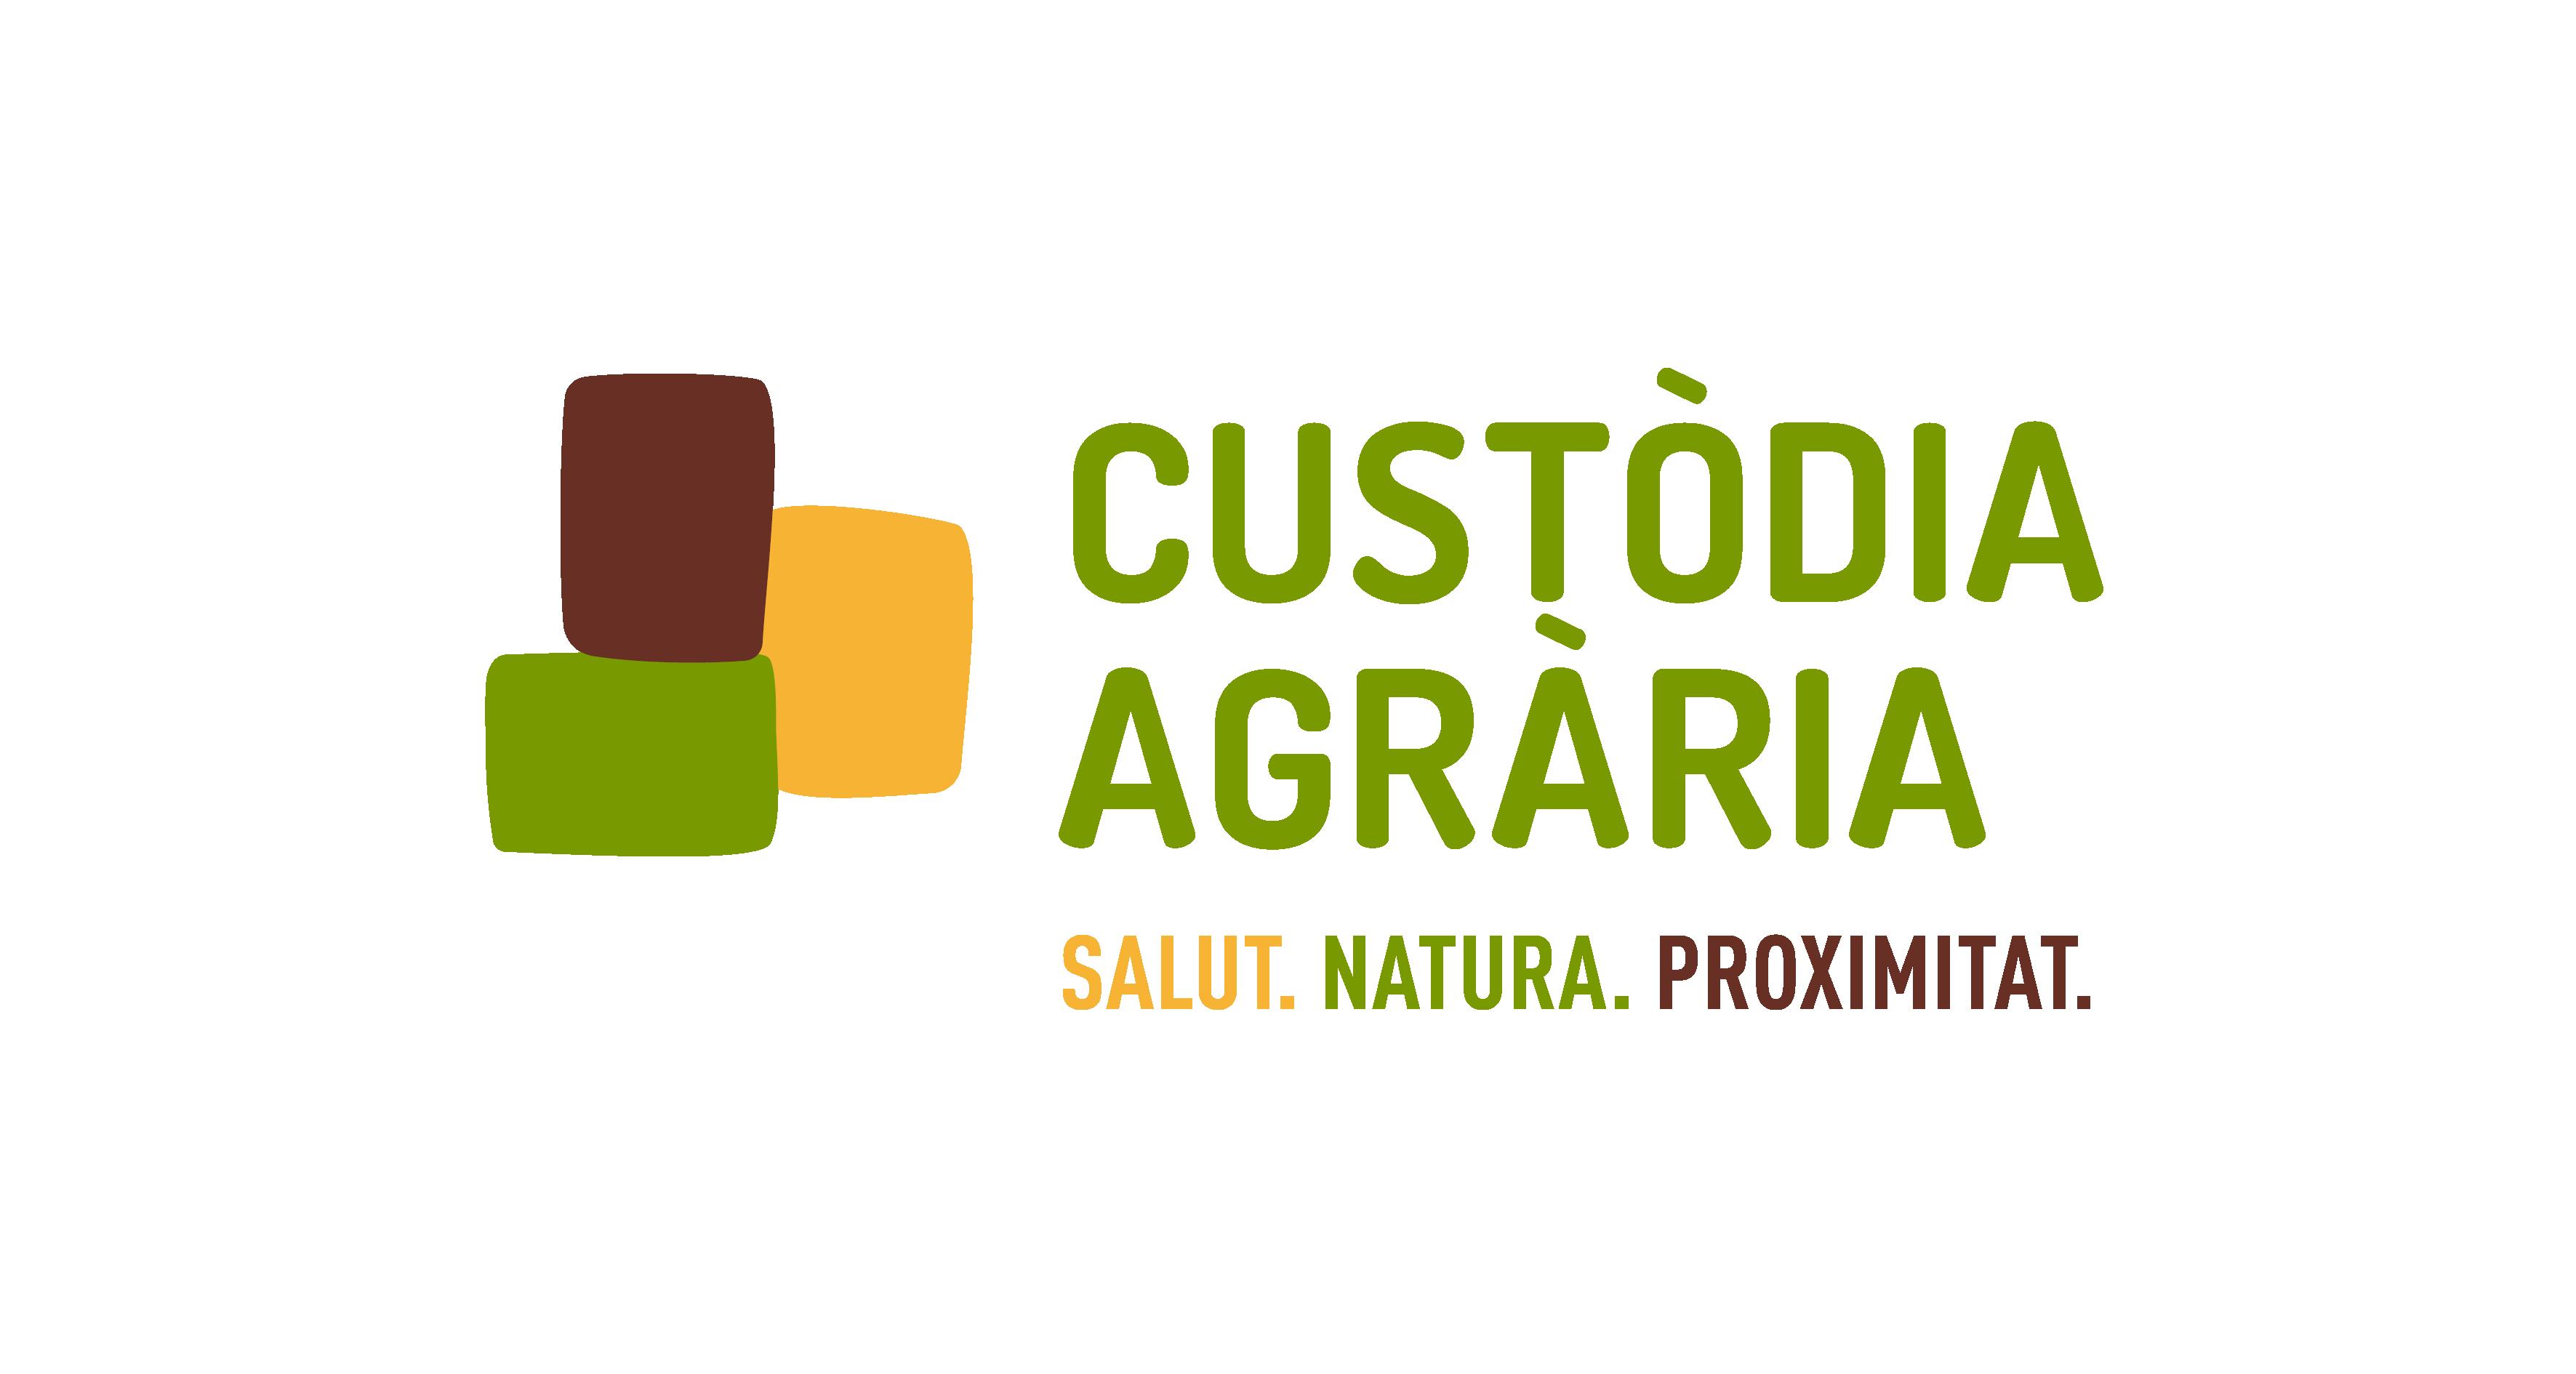 Custódia Agrária   Menorca Virtuous Mosaic